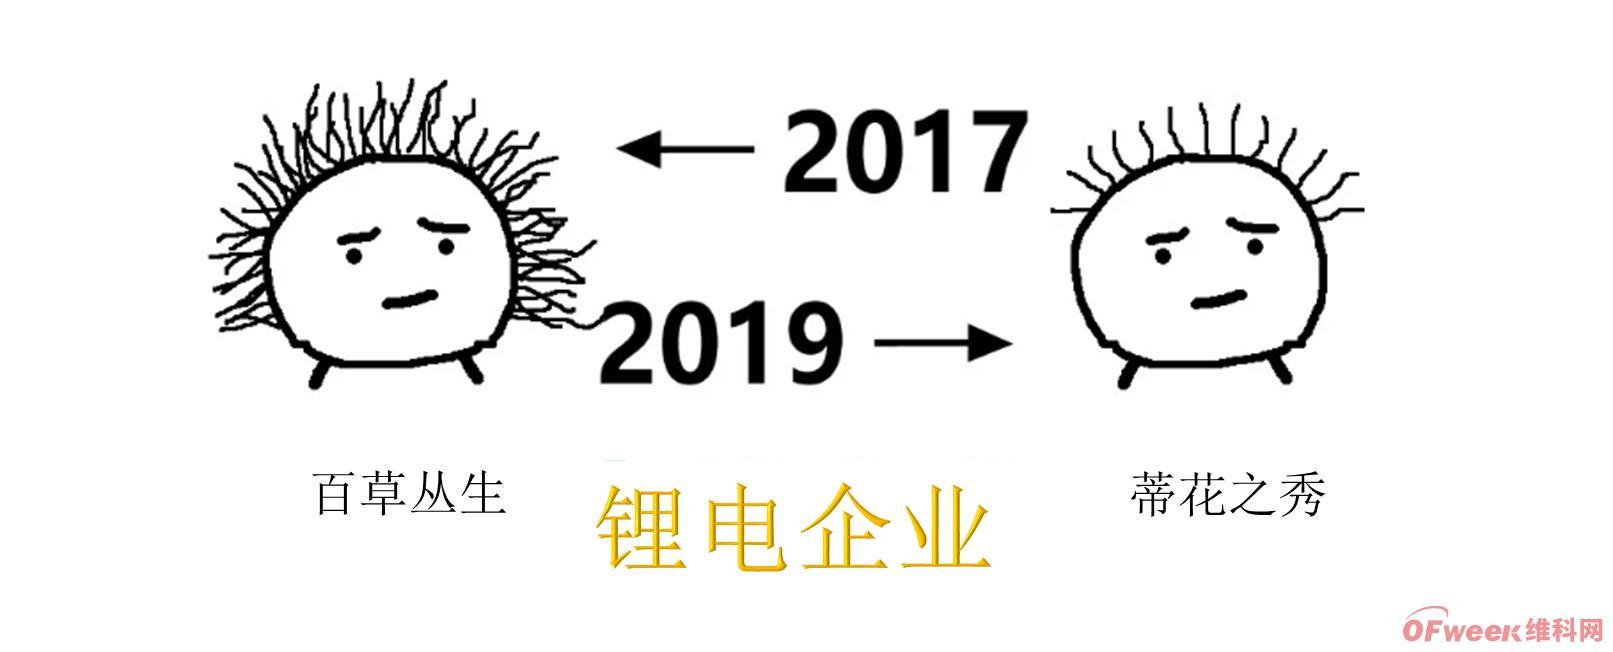 ←2017 锂电人 2019→